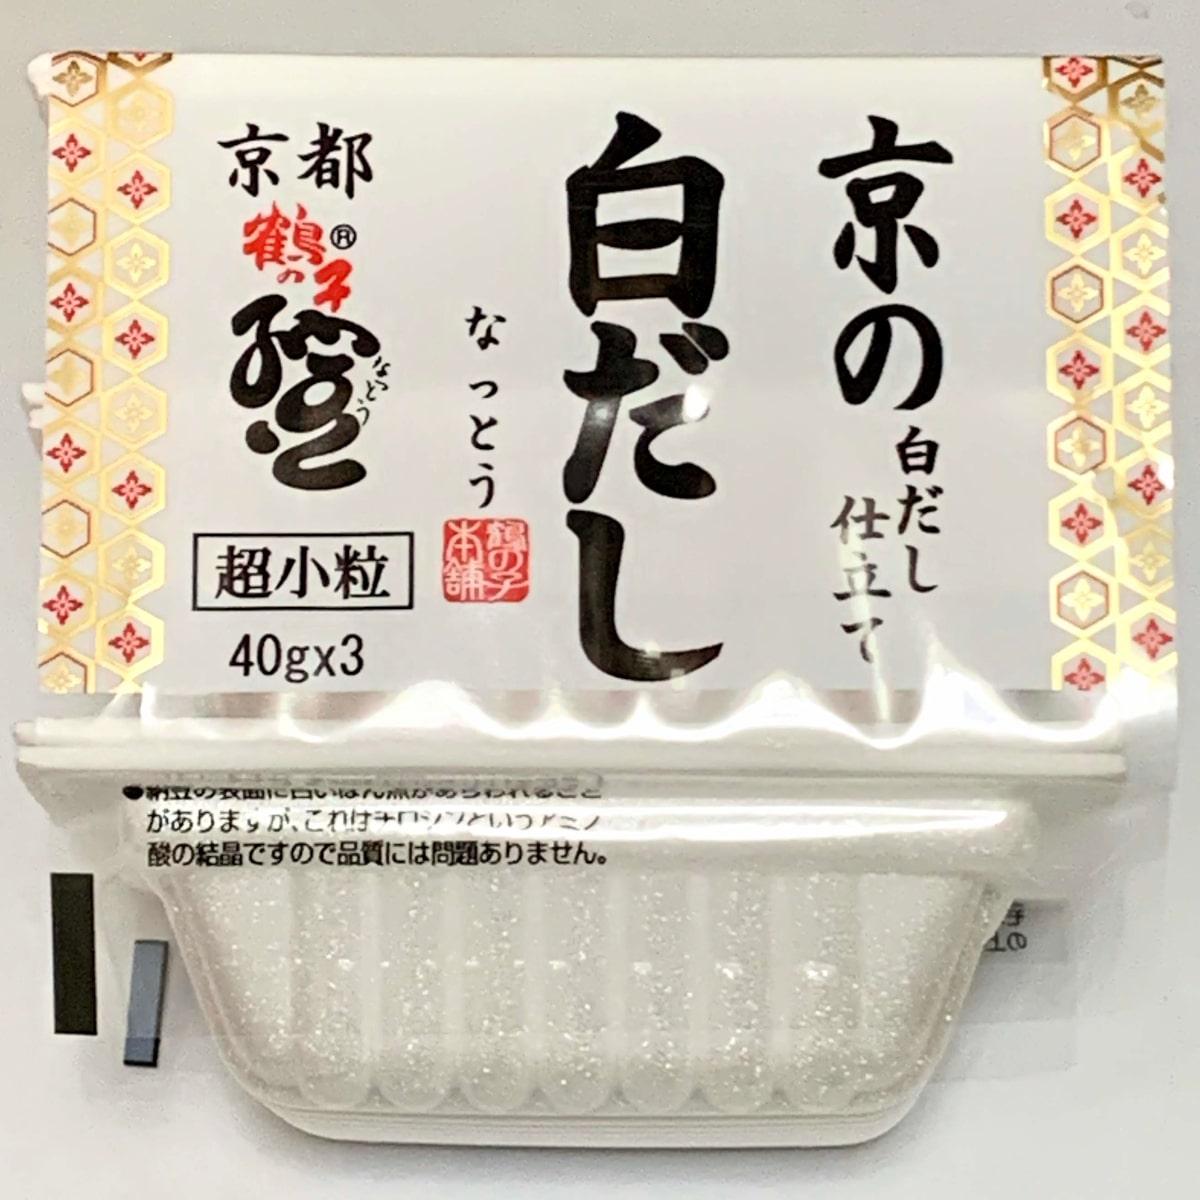 「京の白だし納豆」の側面の画像 その2